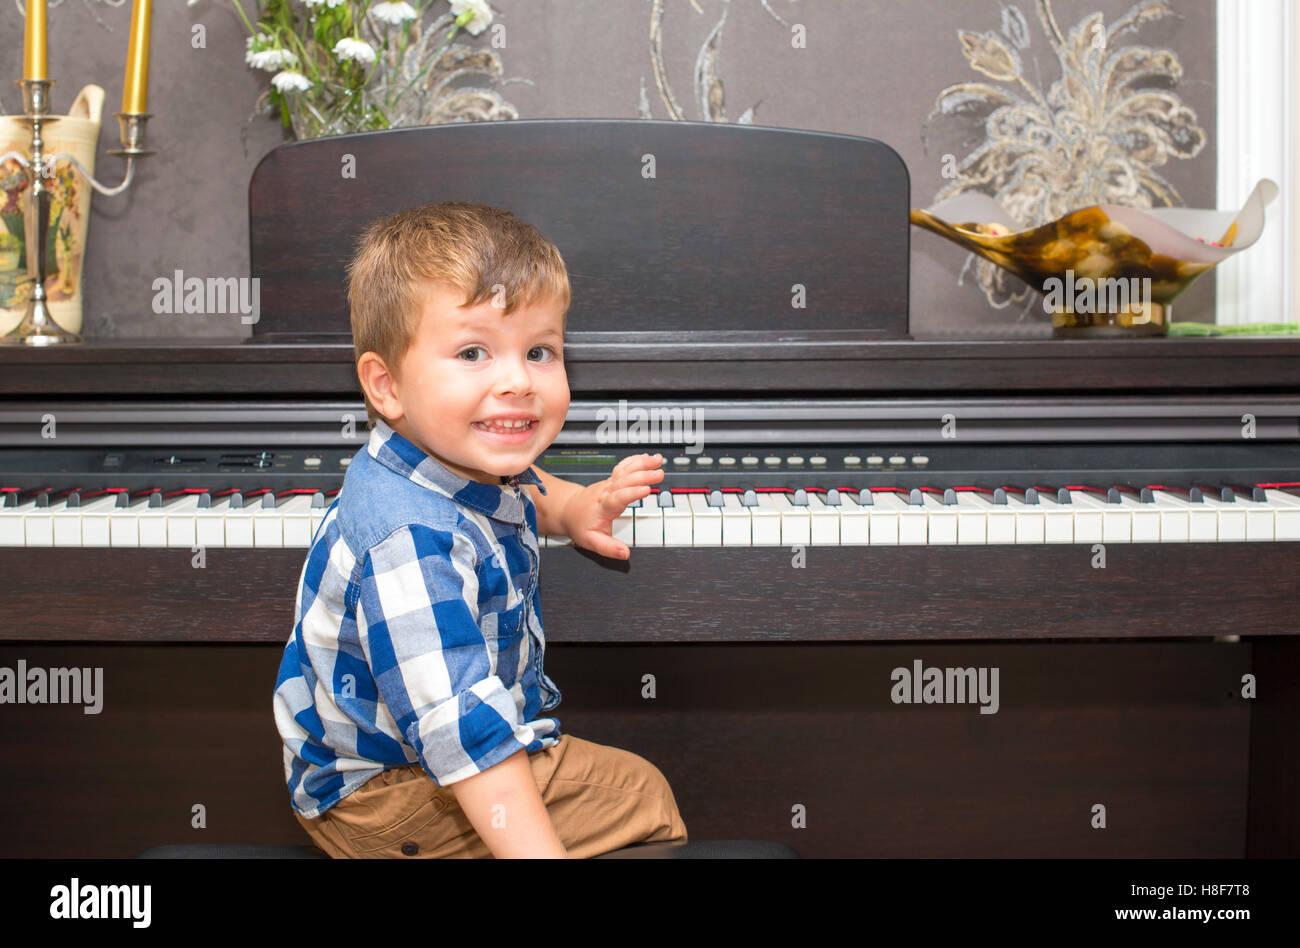 Heureux Garçon jouant du piano à la maison Photo Stock